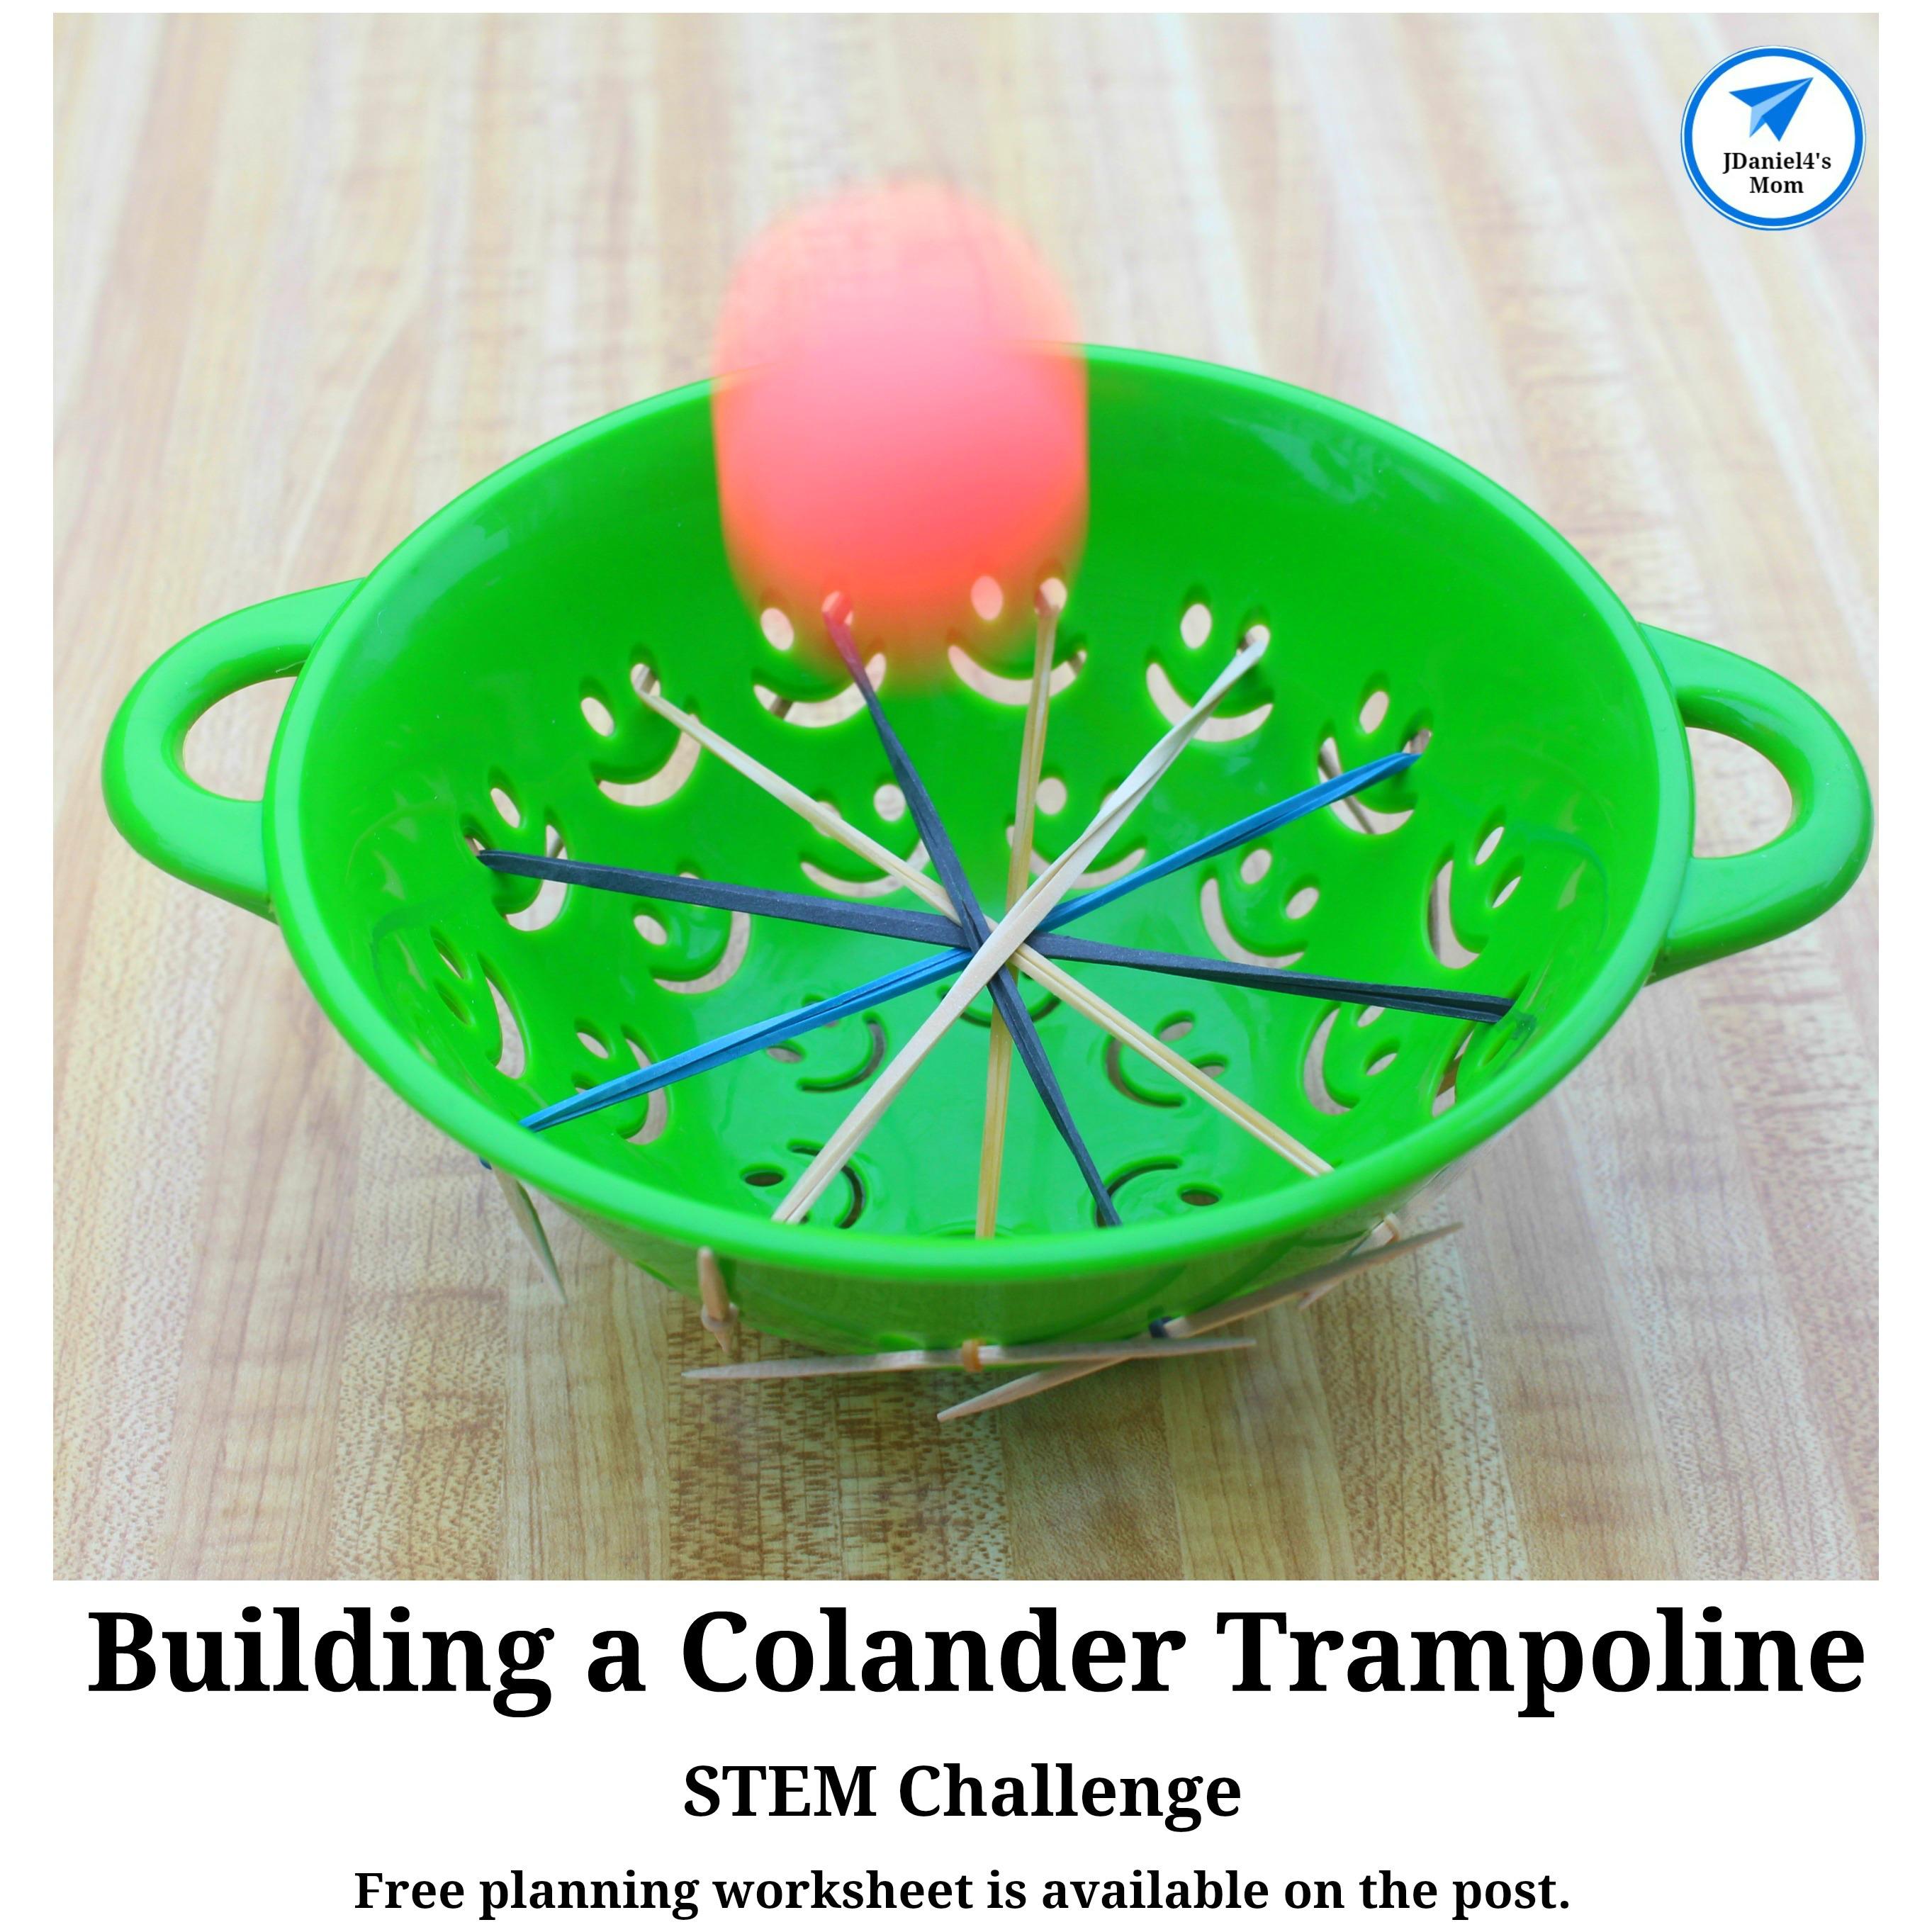 STEM Challenge- Building a Colander Trampoline